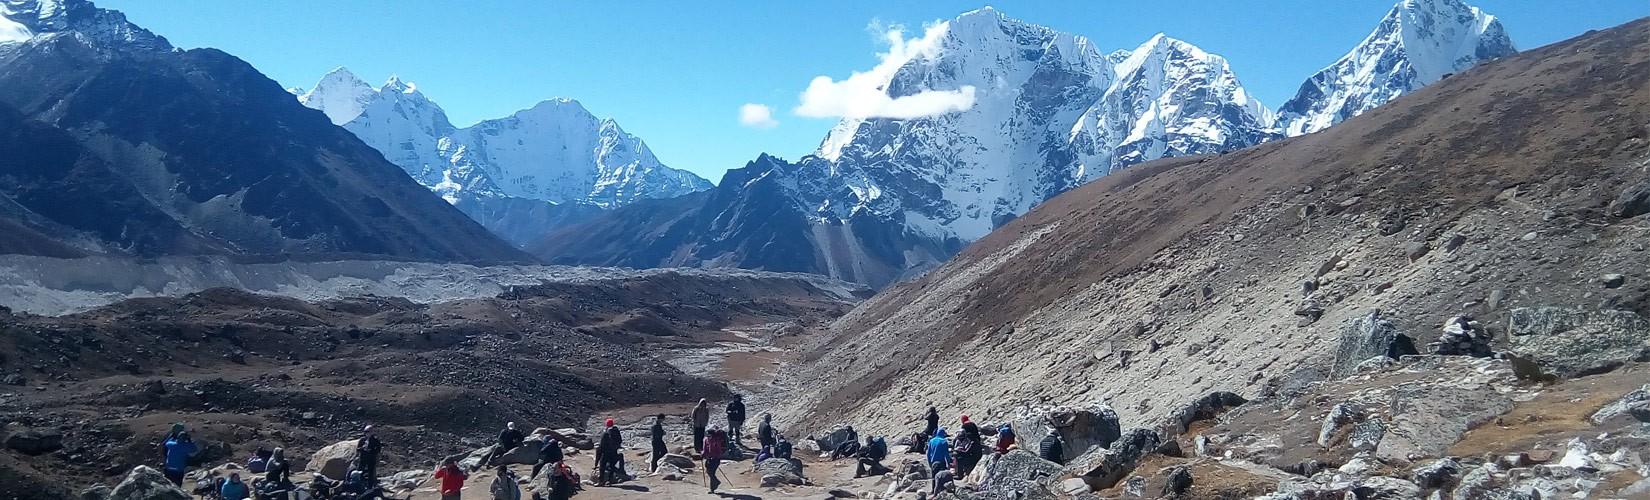 Highest Destination Trekking in Nepal